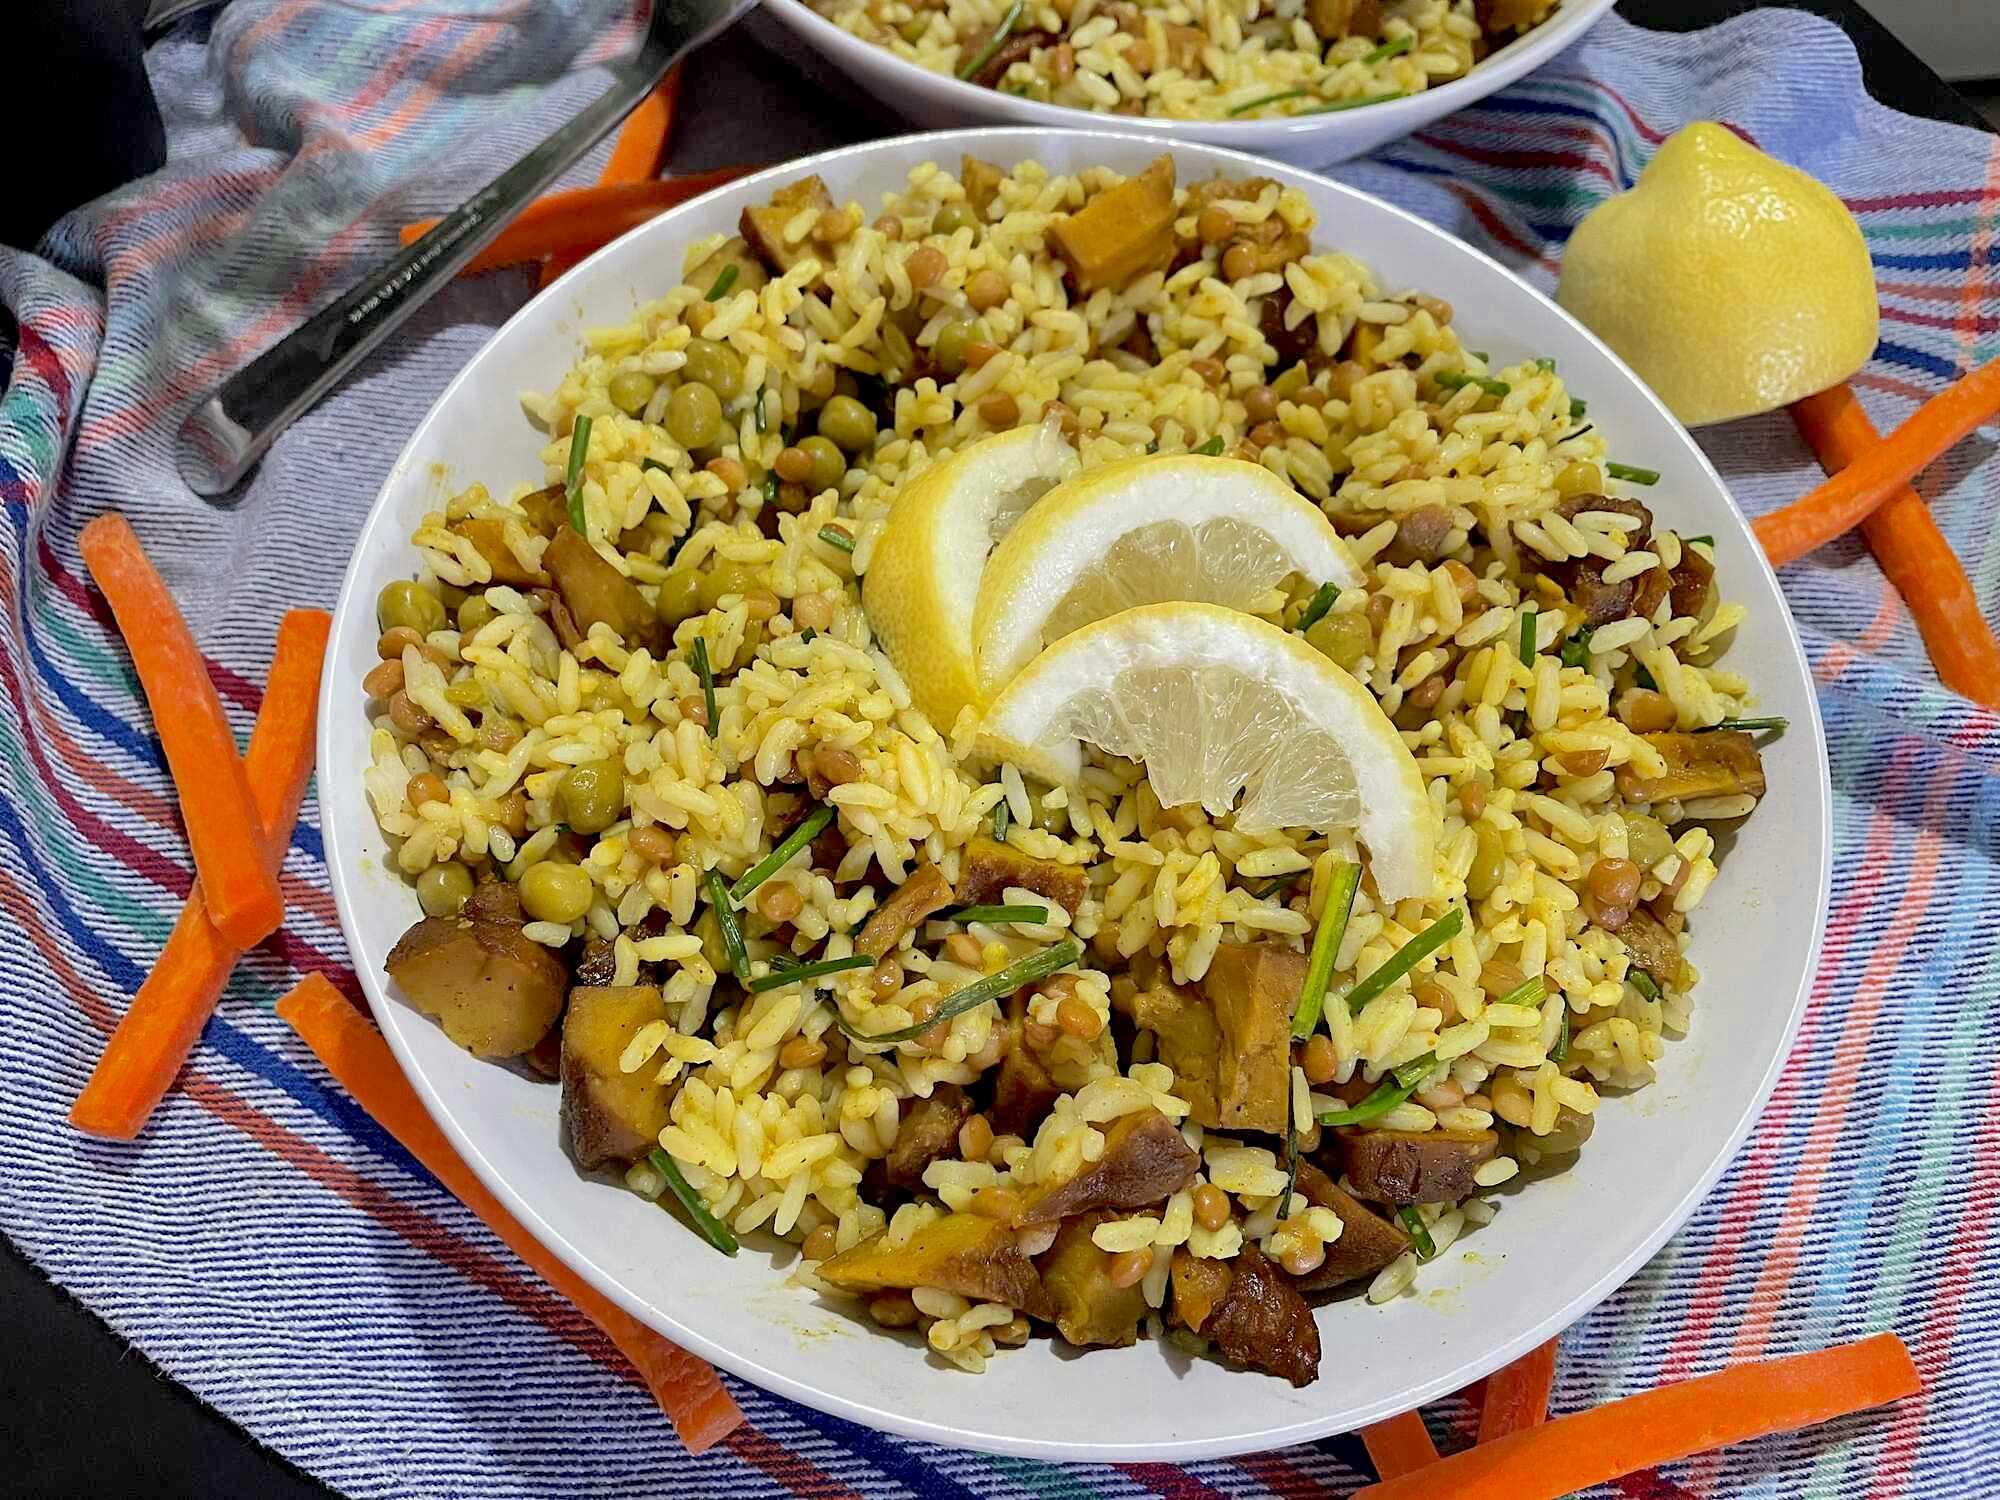 Présenté dans un plat creux, cette salade exotique donne envie d'être dégustée. Trois tranches de citron agrémentent le tout.